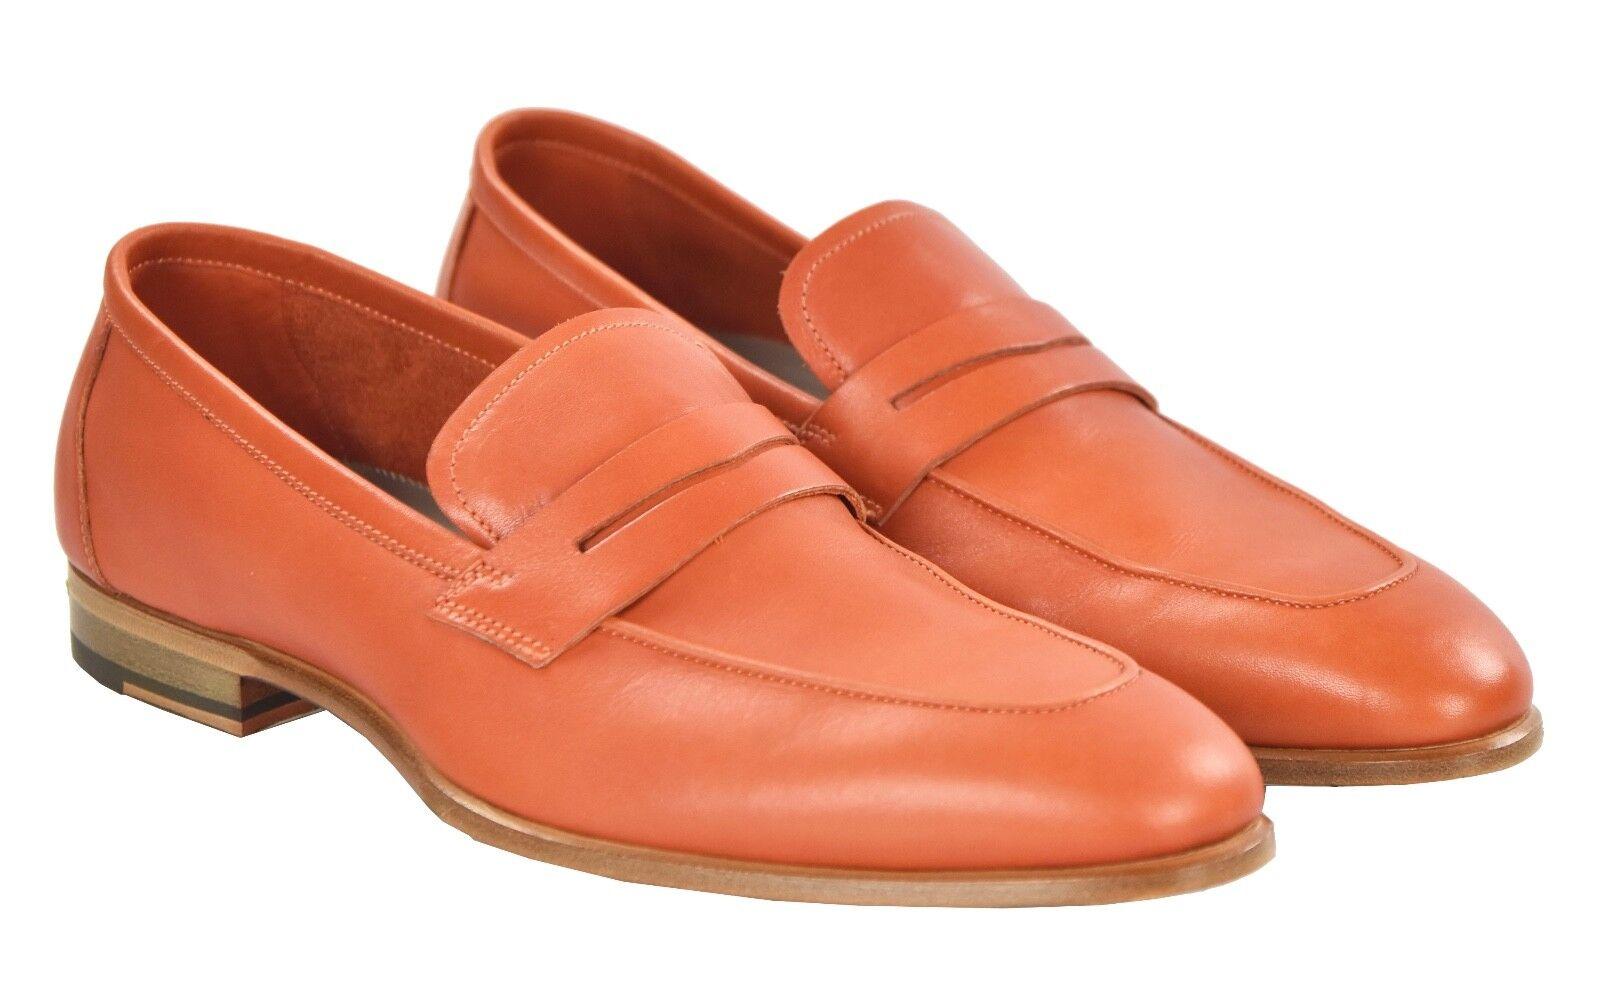 NEW KITON NAPOLI LOAFERS scarpe 100% LEATHER Dimensione 7 US 40 EU 19O22